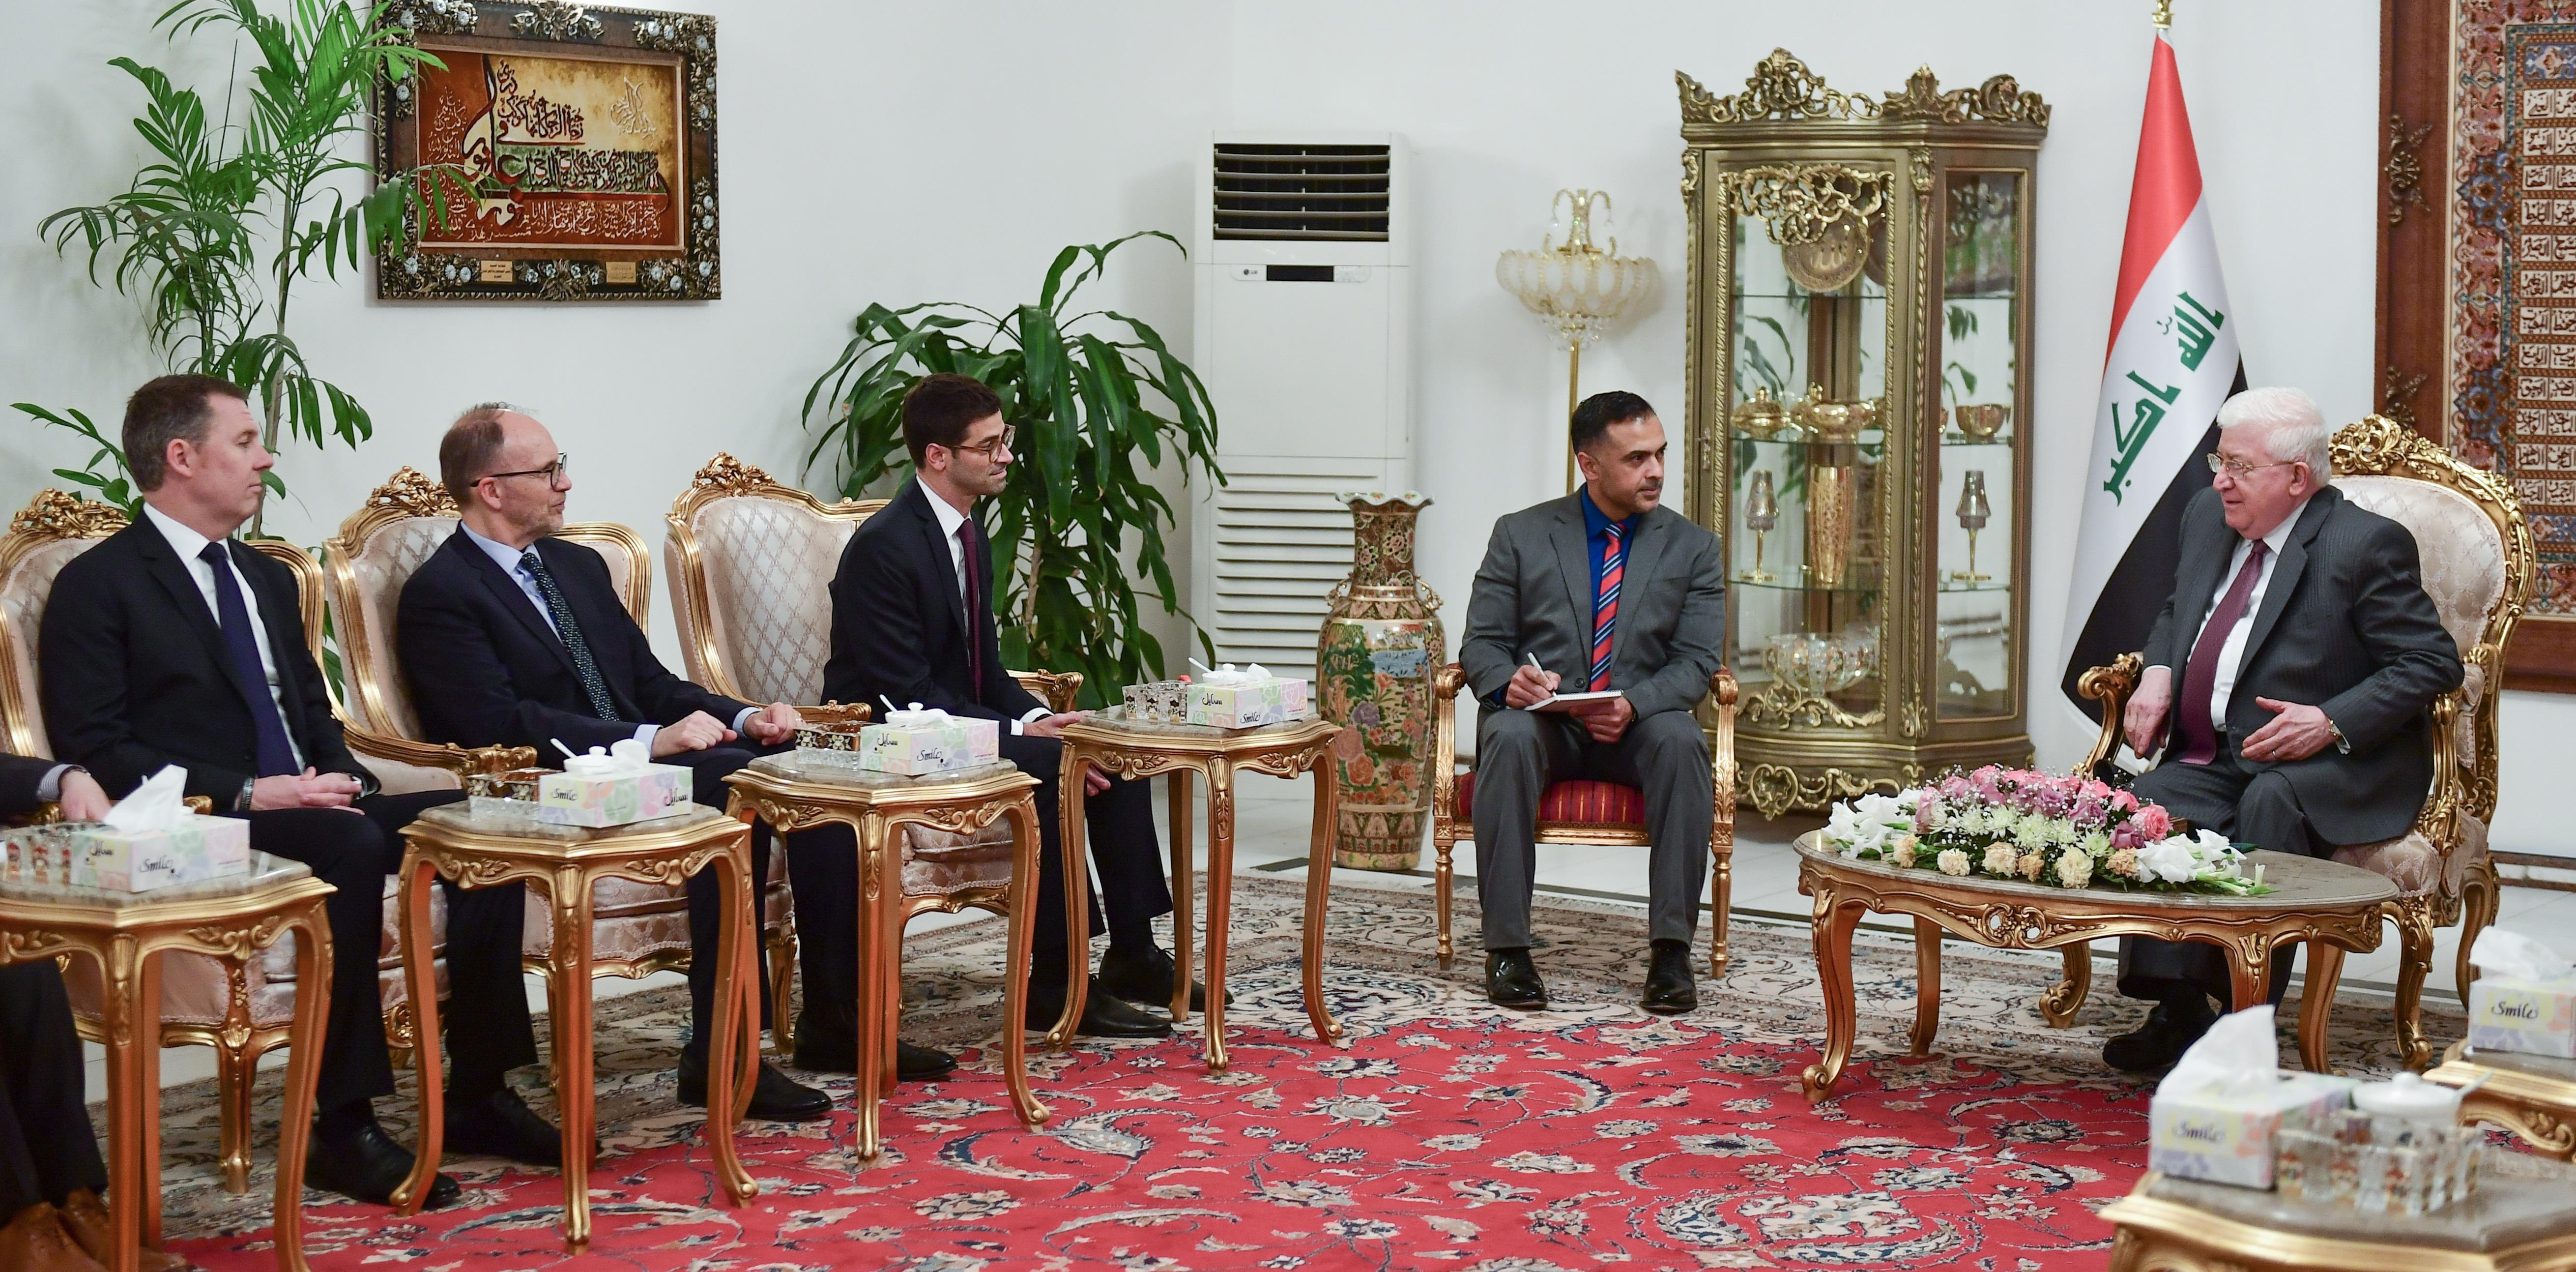 البنتاغون:نتطلع إلى تعاون أمني طويل الأمد مع العراق